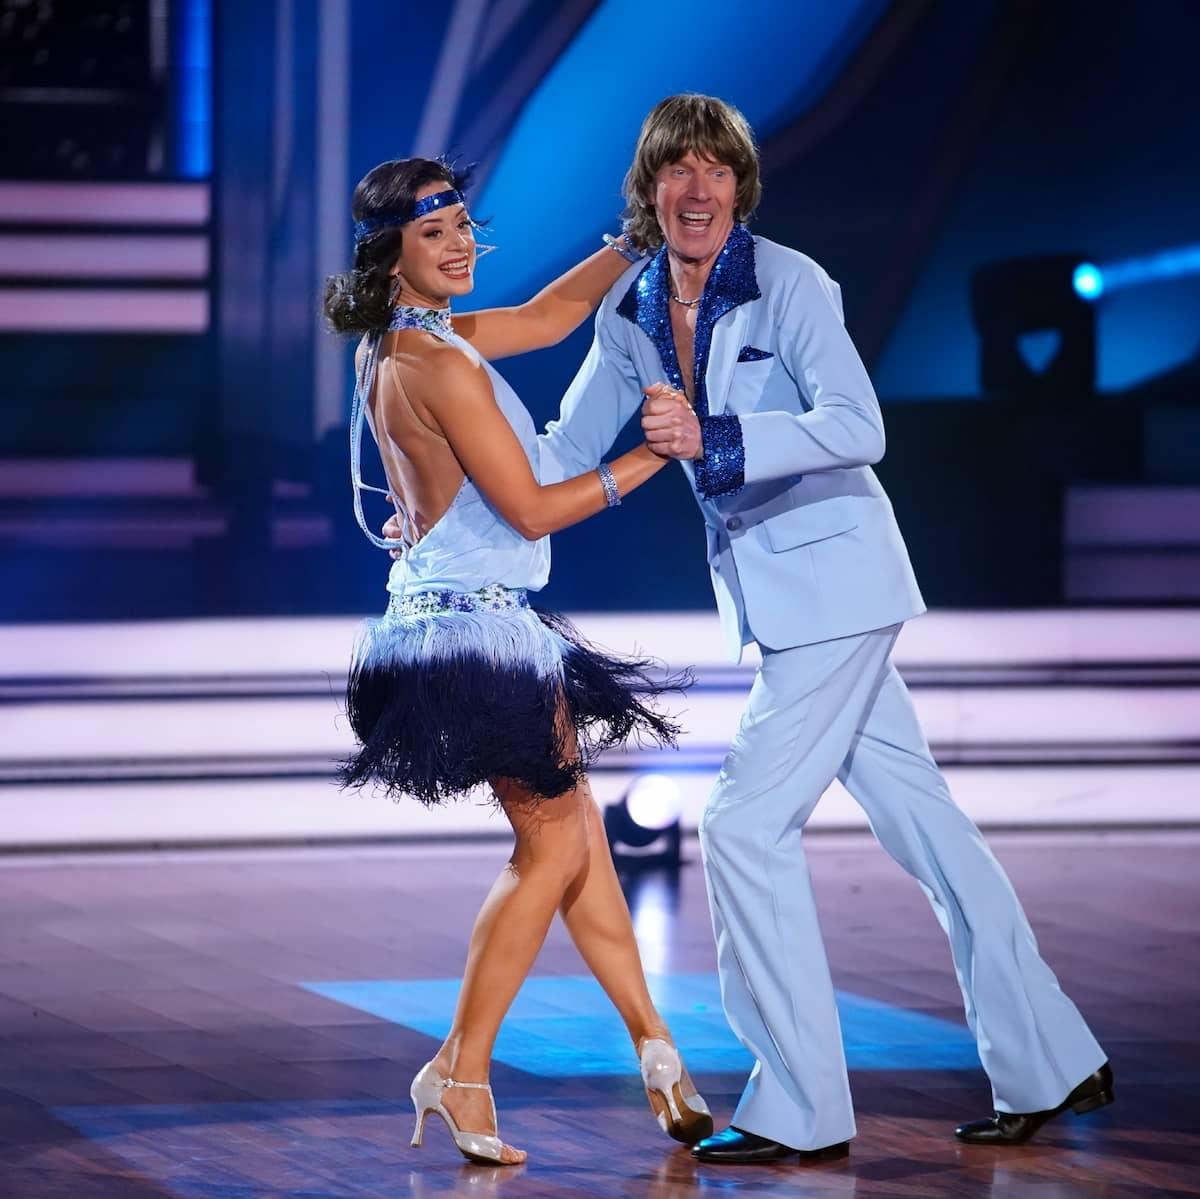 Malika Dzumaev mit Mickie Krause bei Let's dance am 16.4.2021 ausgeschieden